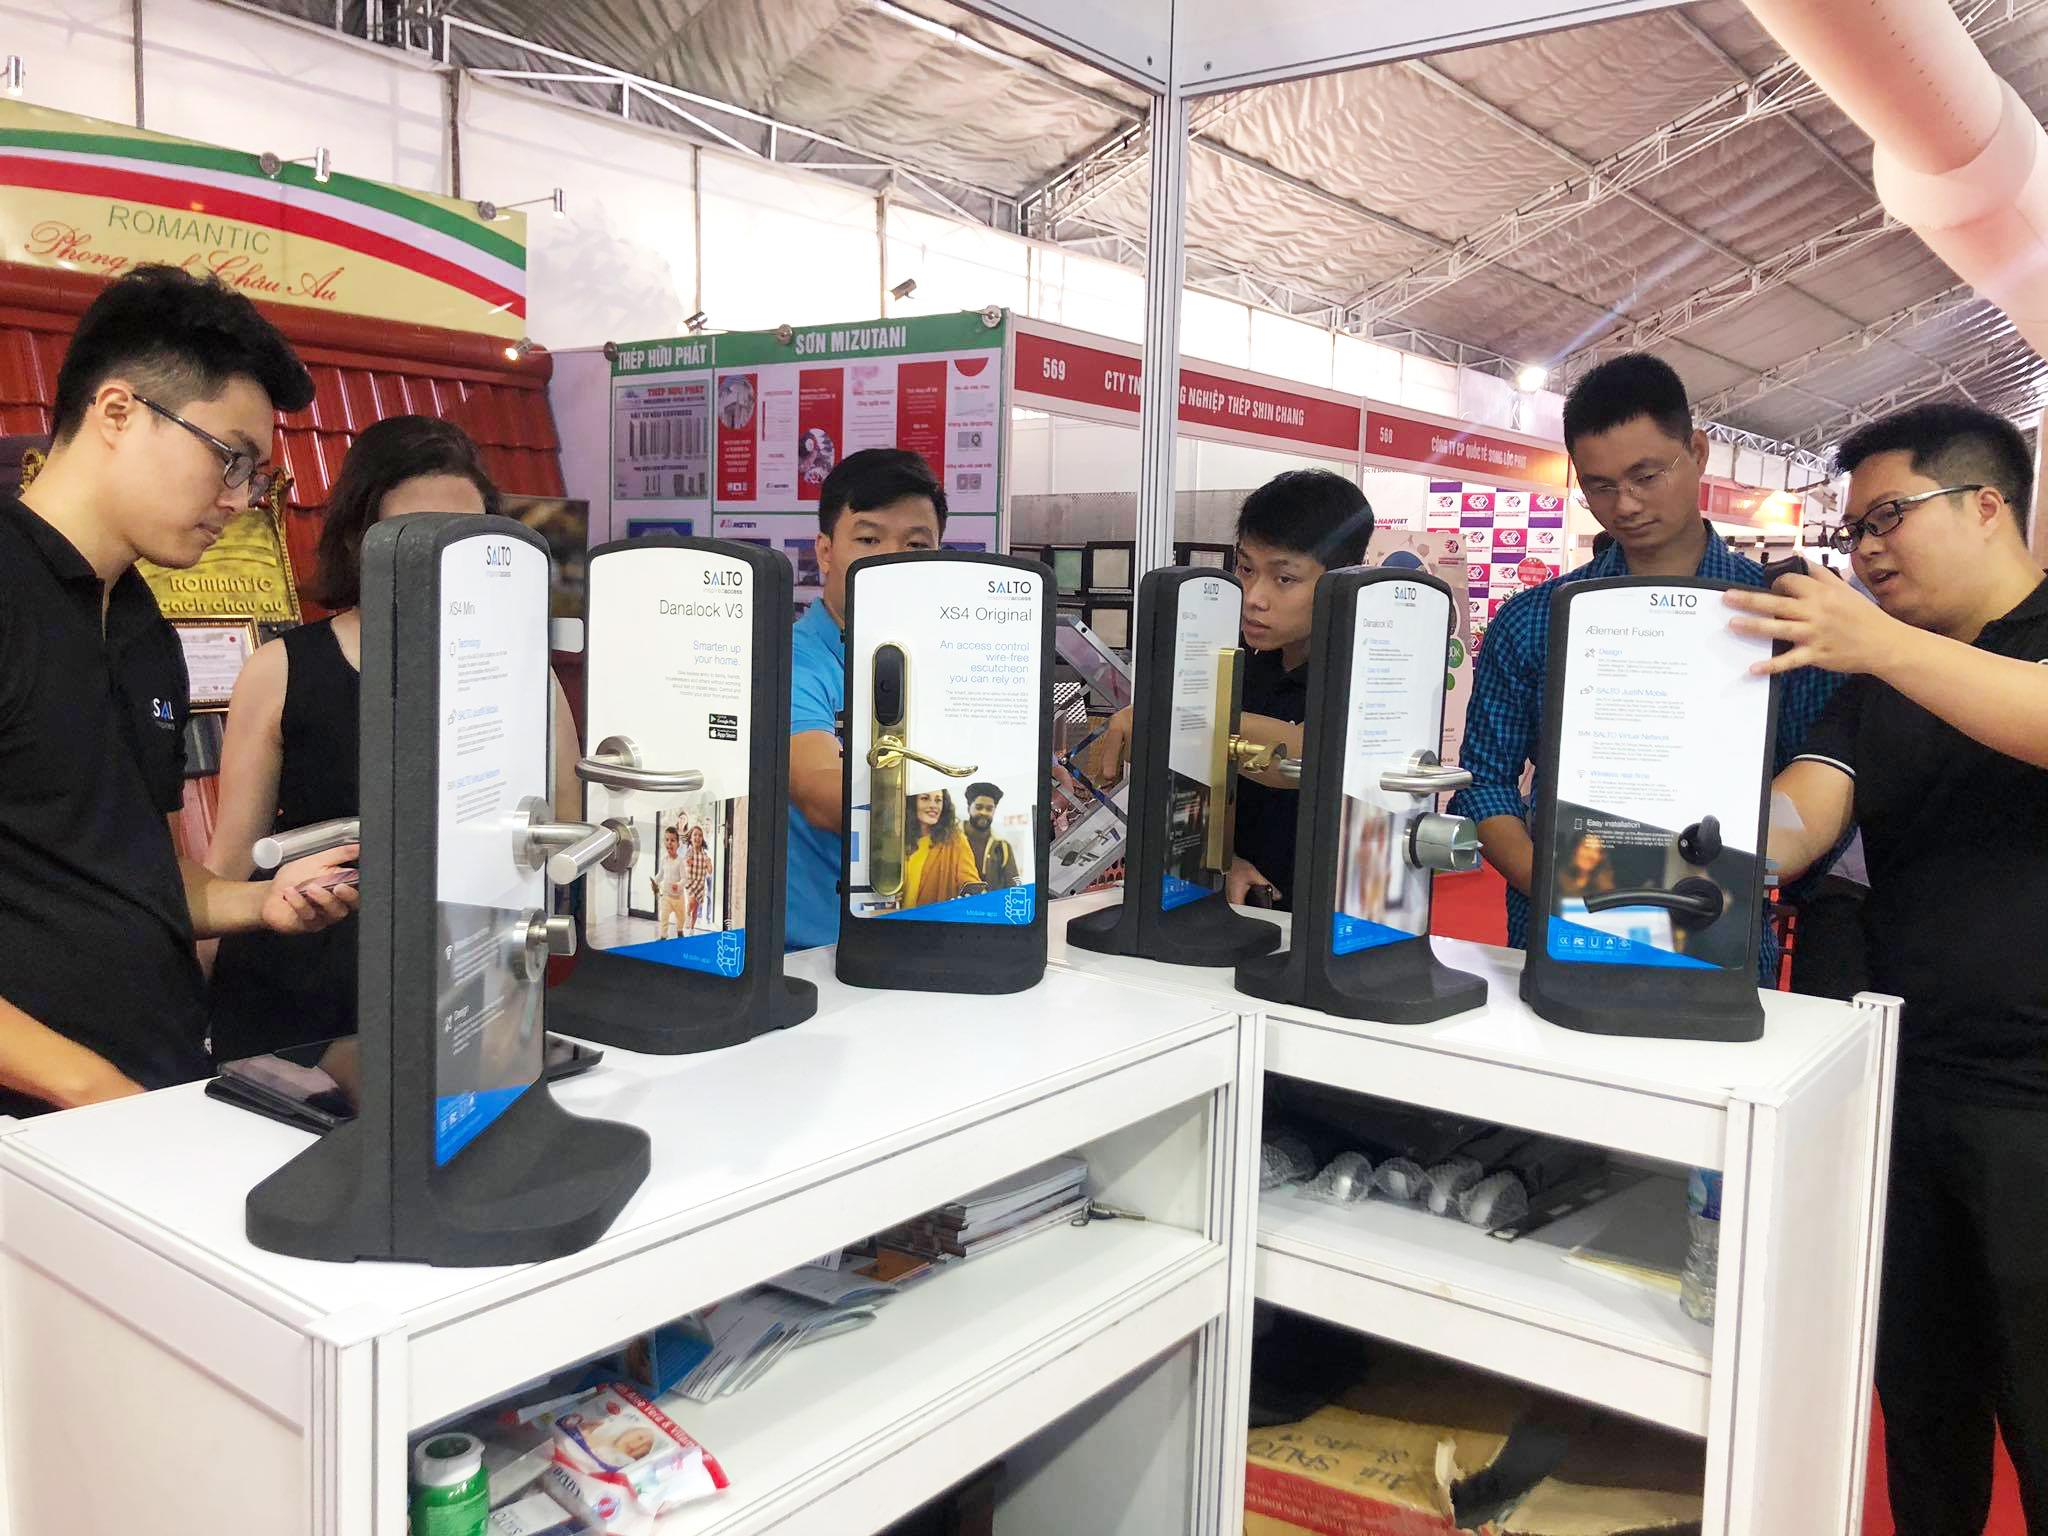 ATIG cho ra mắt giải pháp kiểm soát ra vào dành cho doanh nghiệp và khoá điện tử thông minh SALTO tại hội chợ triển lãm quốc tế Vietbuild Hà Nội - 2020